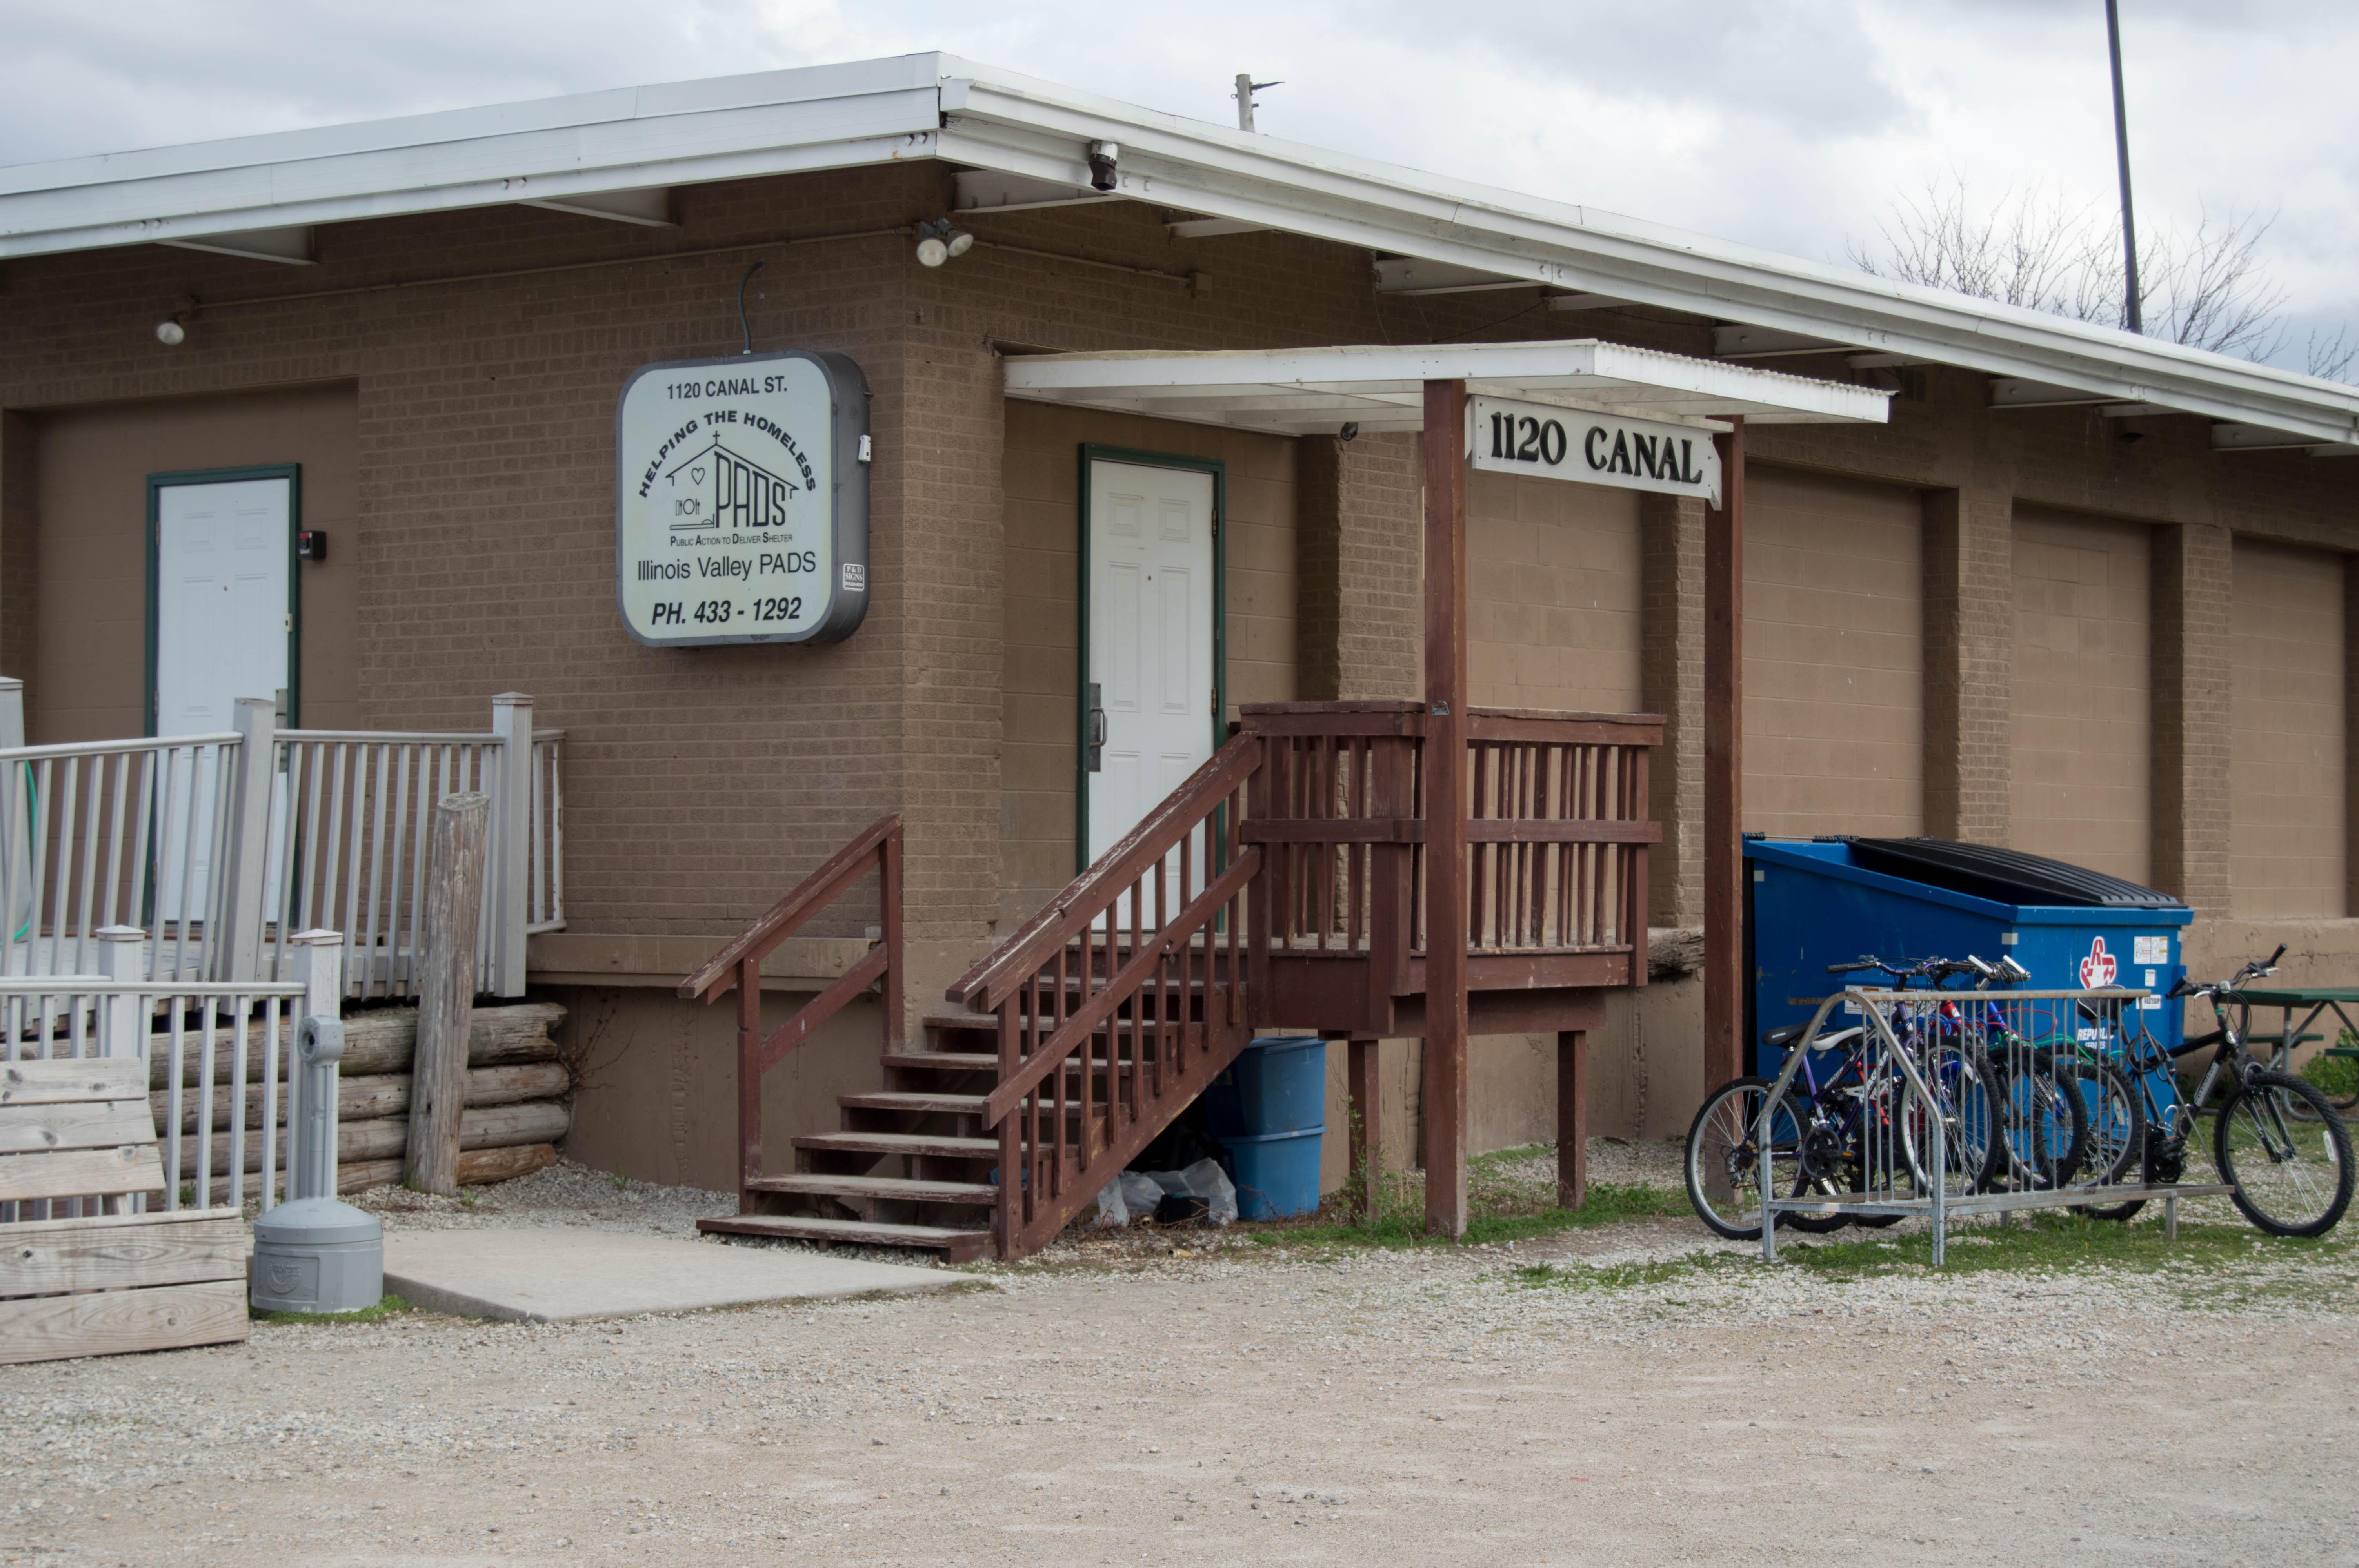 Ottawa PADS Shelter